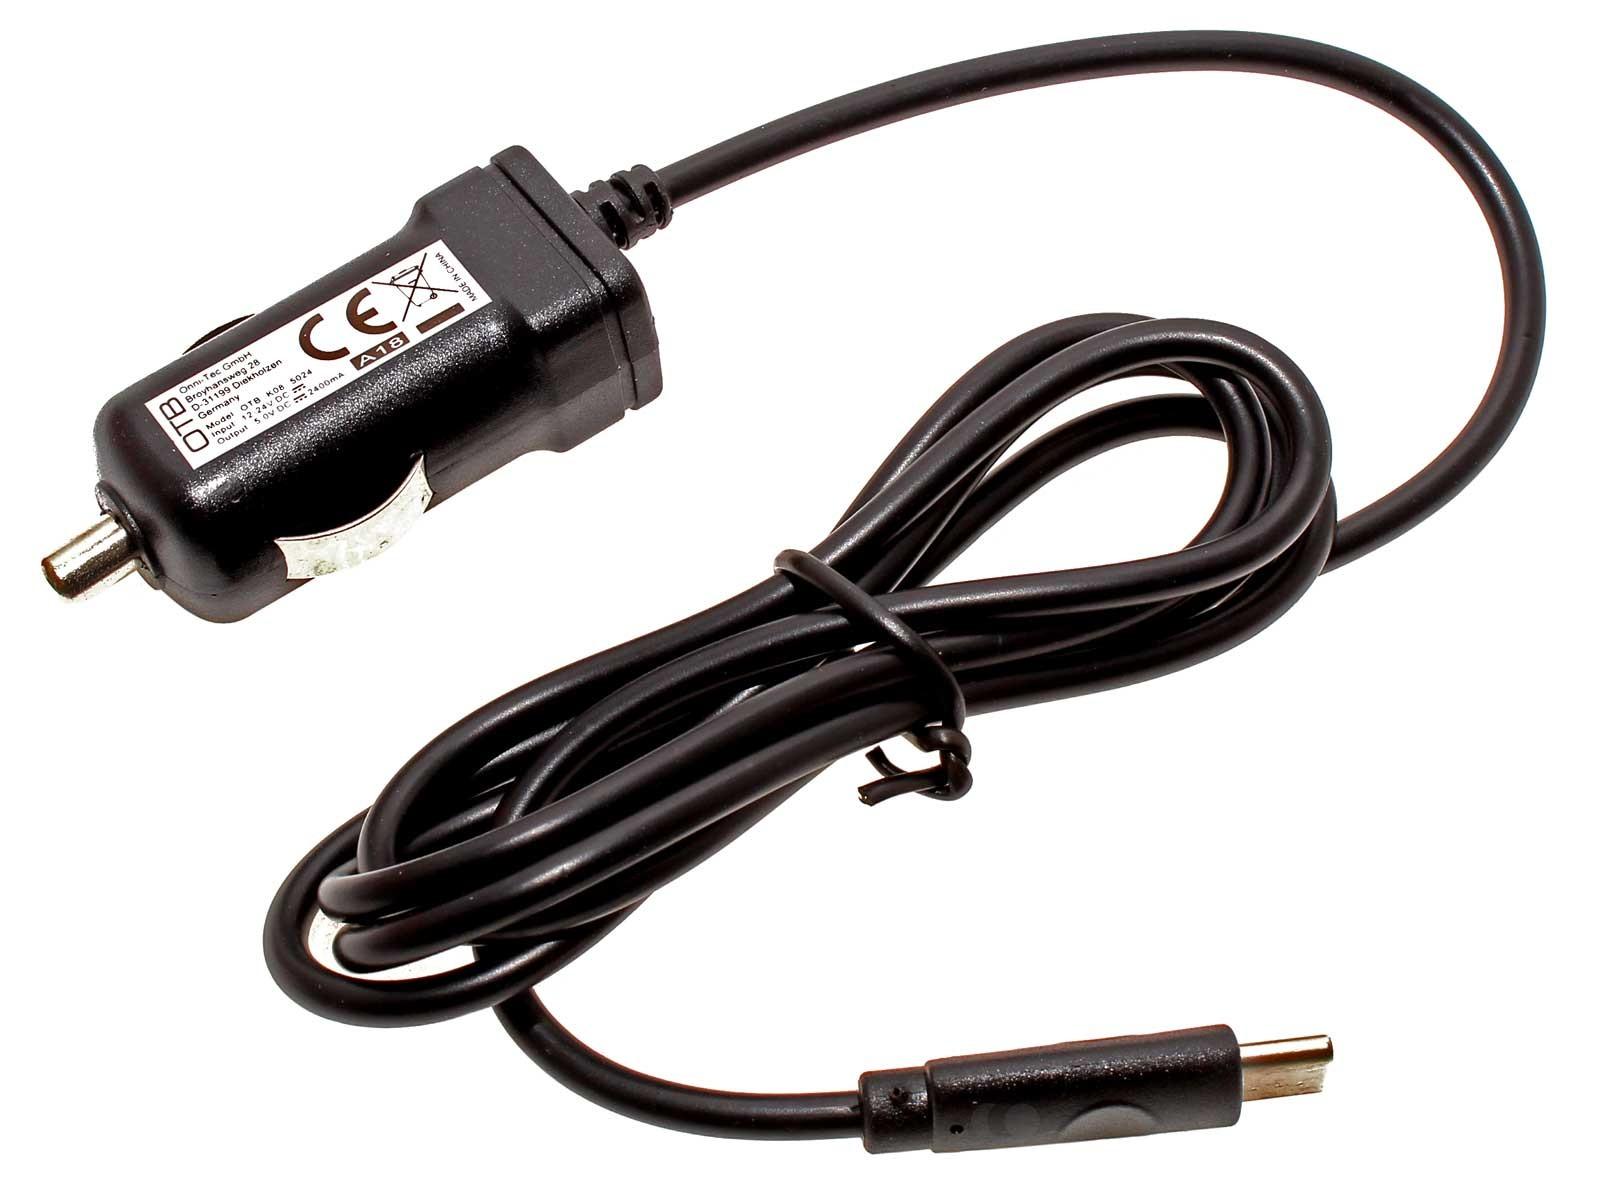 Zigarettenanzünde A Auto KFZ USB Lade Adapter Ladegerät 12V 24V 5V Tablet Handy